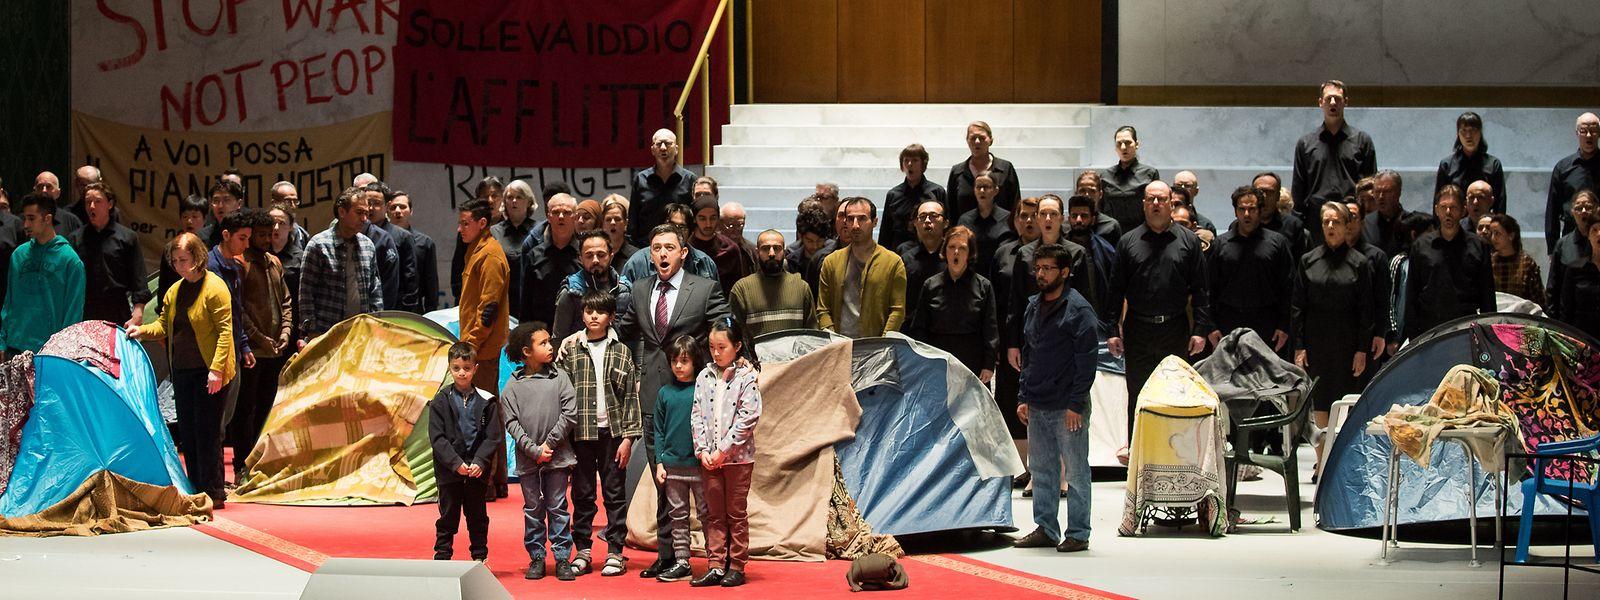 """Kinder von Geflüchteten, Mitglieder eines Projektchors mit Geflüchteten und Mitglieder des Chors der Hamburgischen Staatsoper stehen bei einer Fotoprobe zu """"Nabucco"""" auf der Bühne in der Staatsoper Hamburg."""